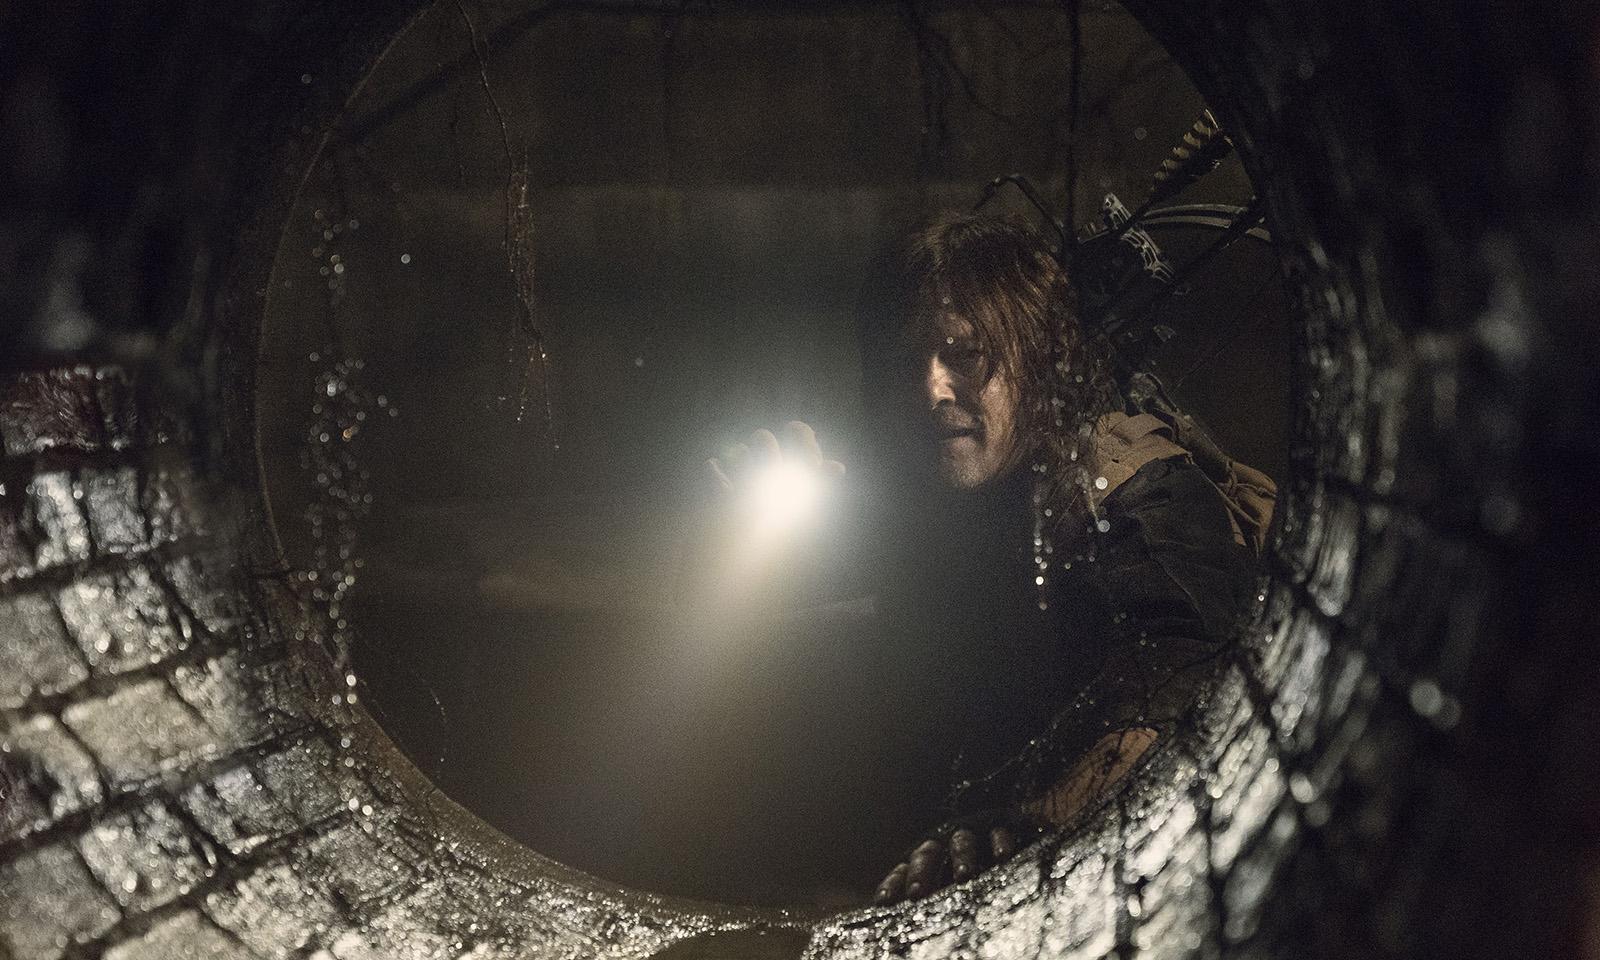 Daryl apontando uma lanterna e observando um túnel no episódio 2 da 11ª temporada de The Walking Dead.